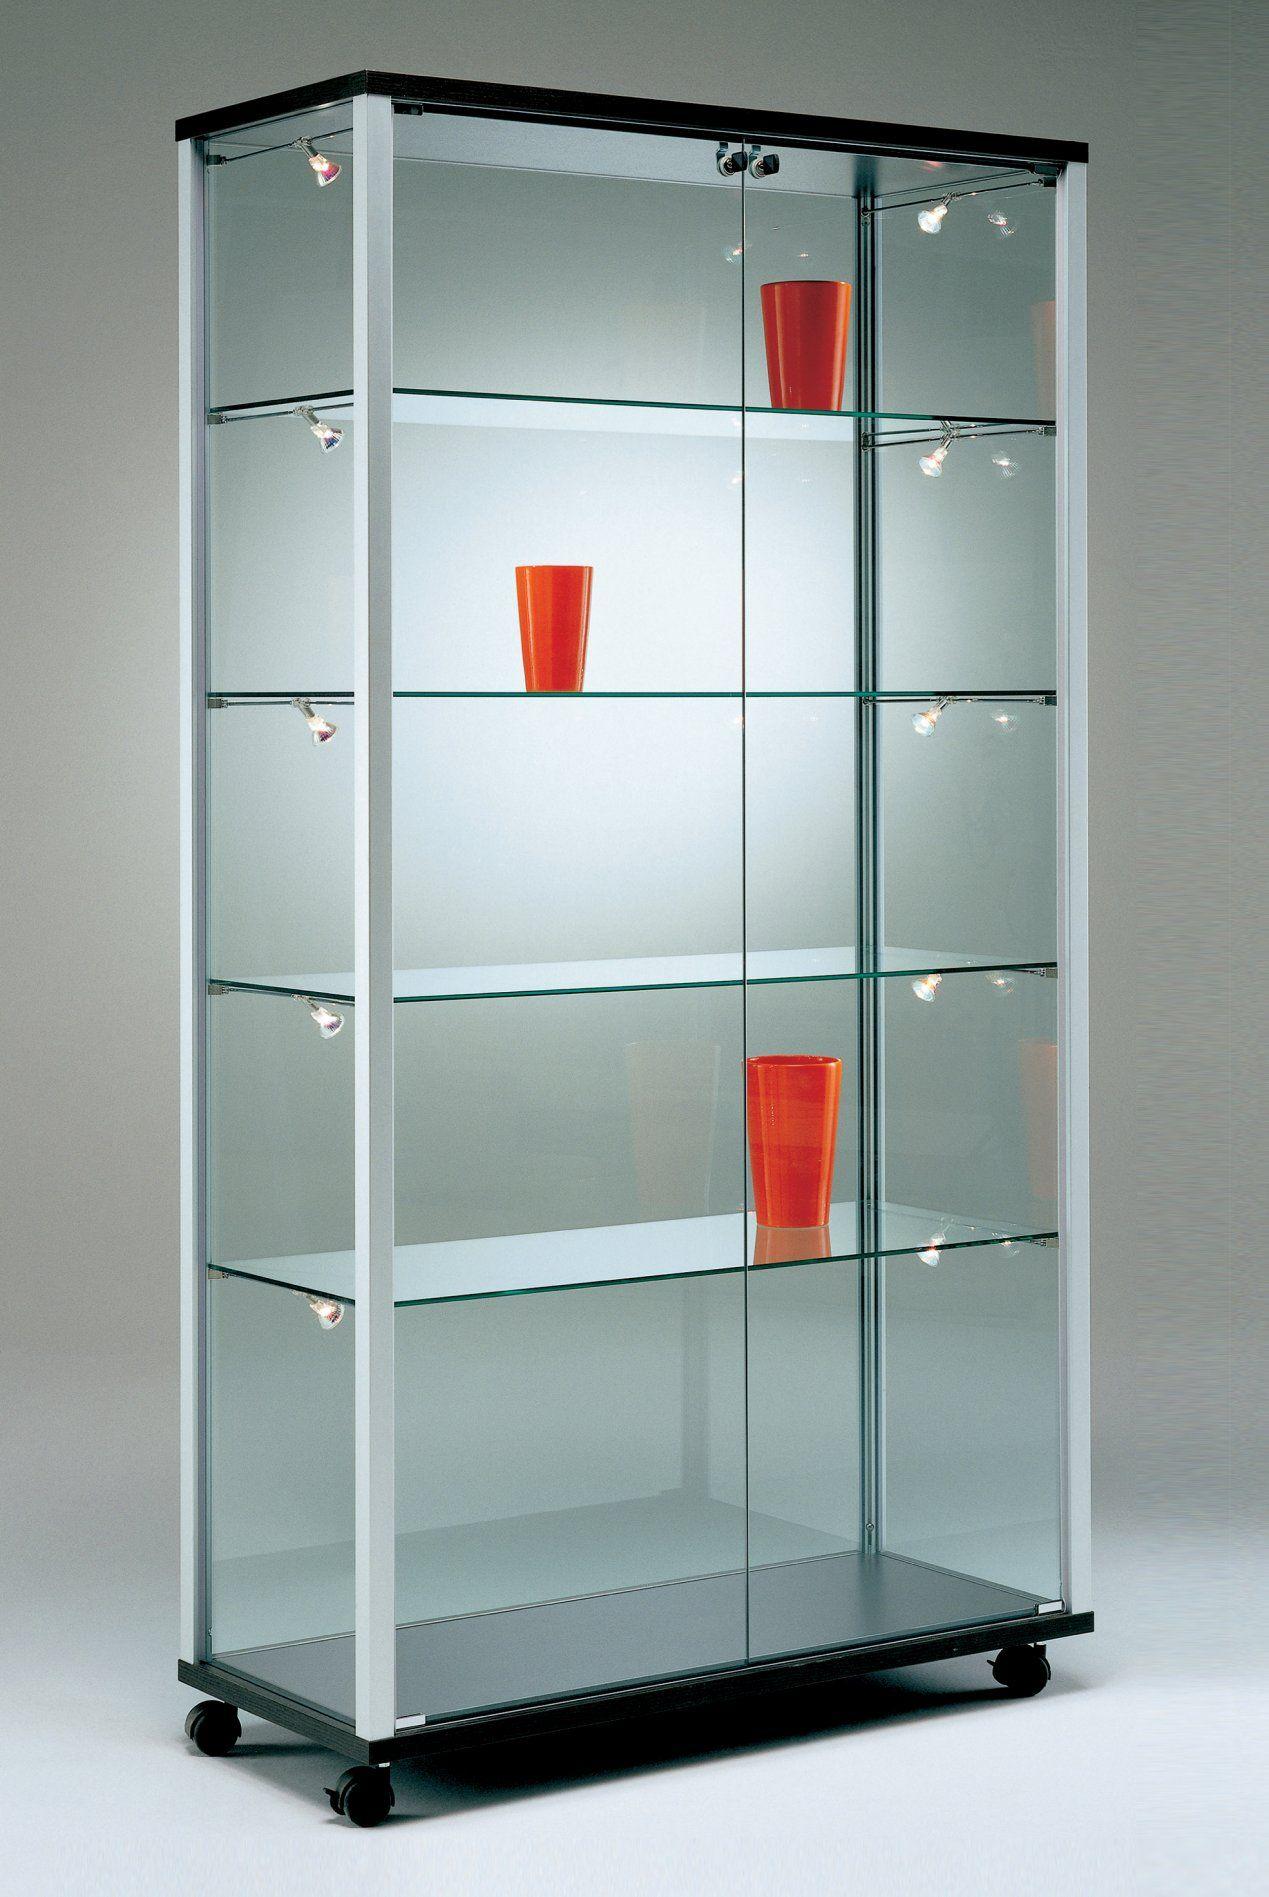 Staubdichte Standvitrine Auf Laufrollen Mit Stufenlos Verstellbaren Glasboden Vitrine Schranke Vitrinen Glasvitrine